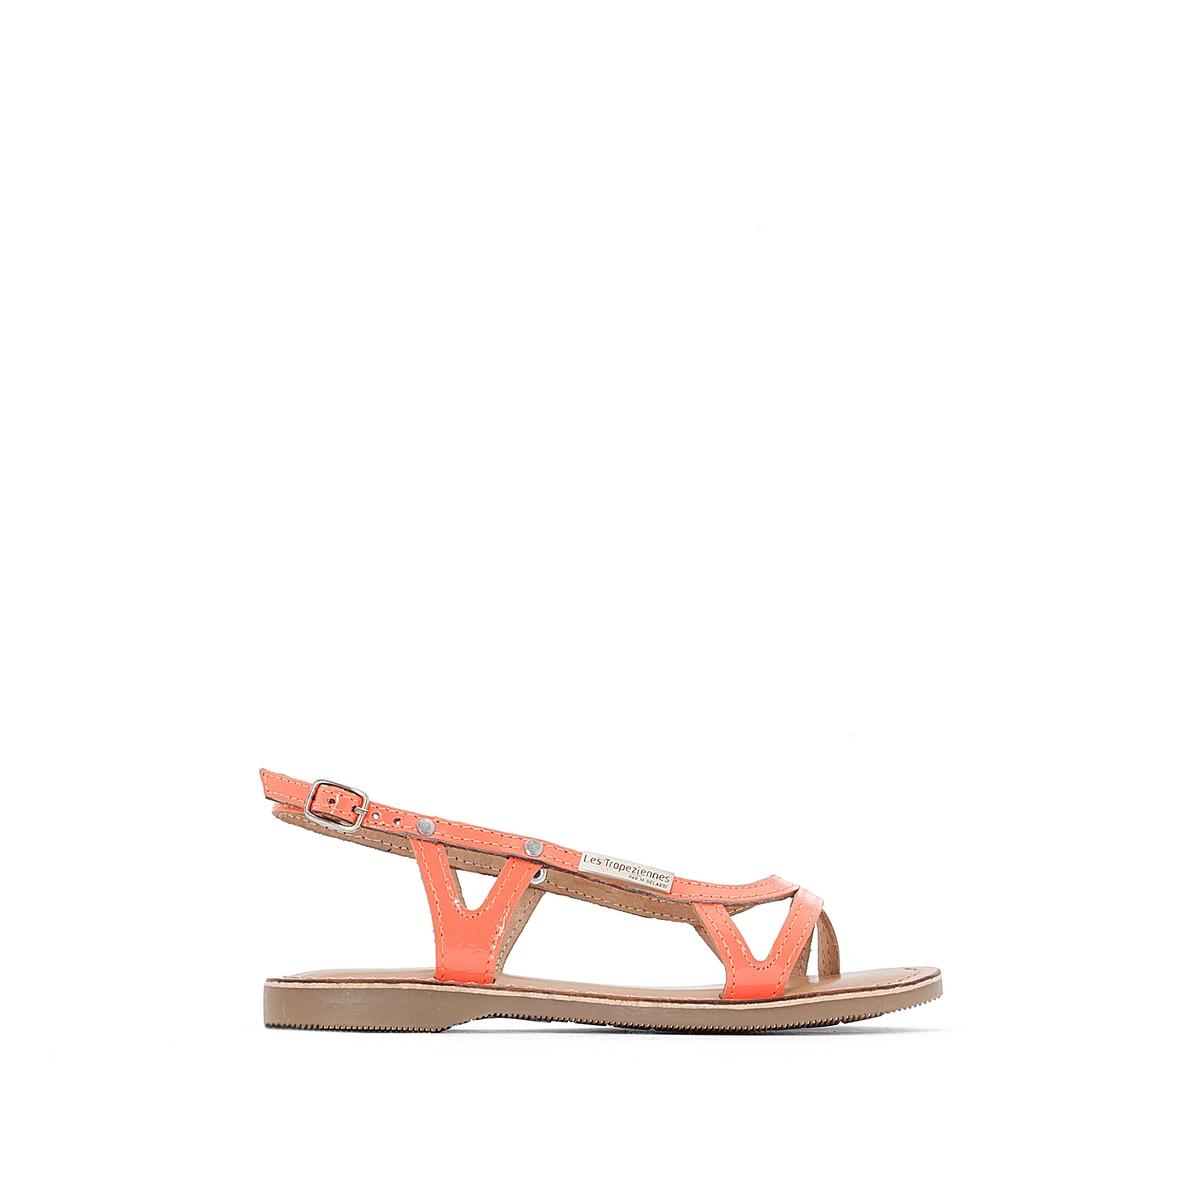 Босоножки на плоской подошве из кожи женская обувь на плоской подошве 2015